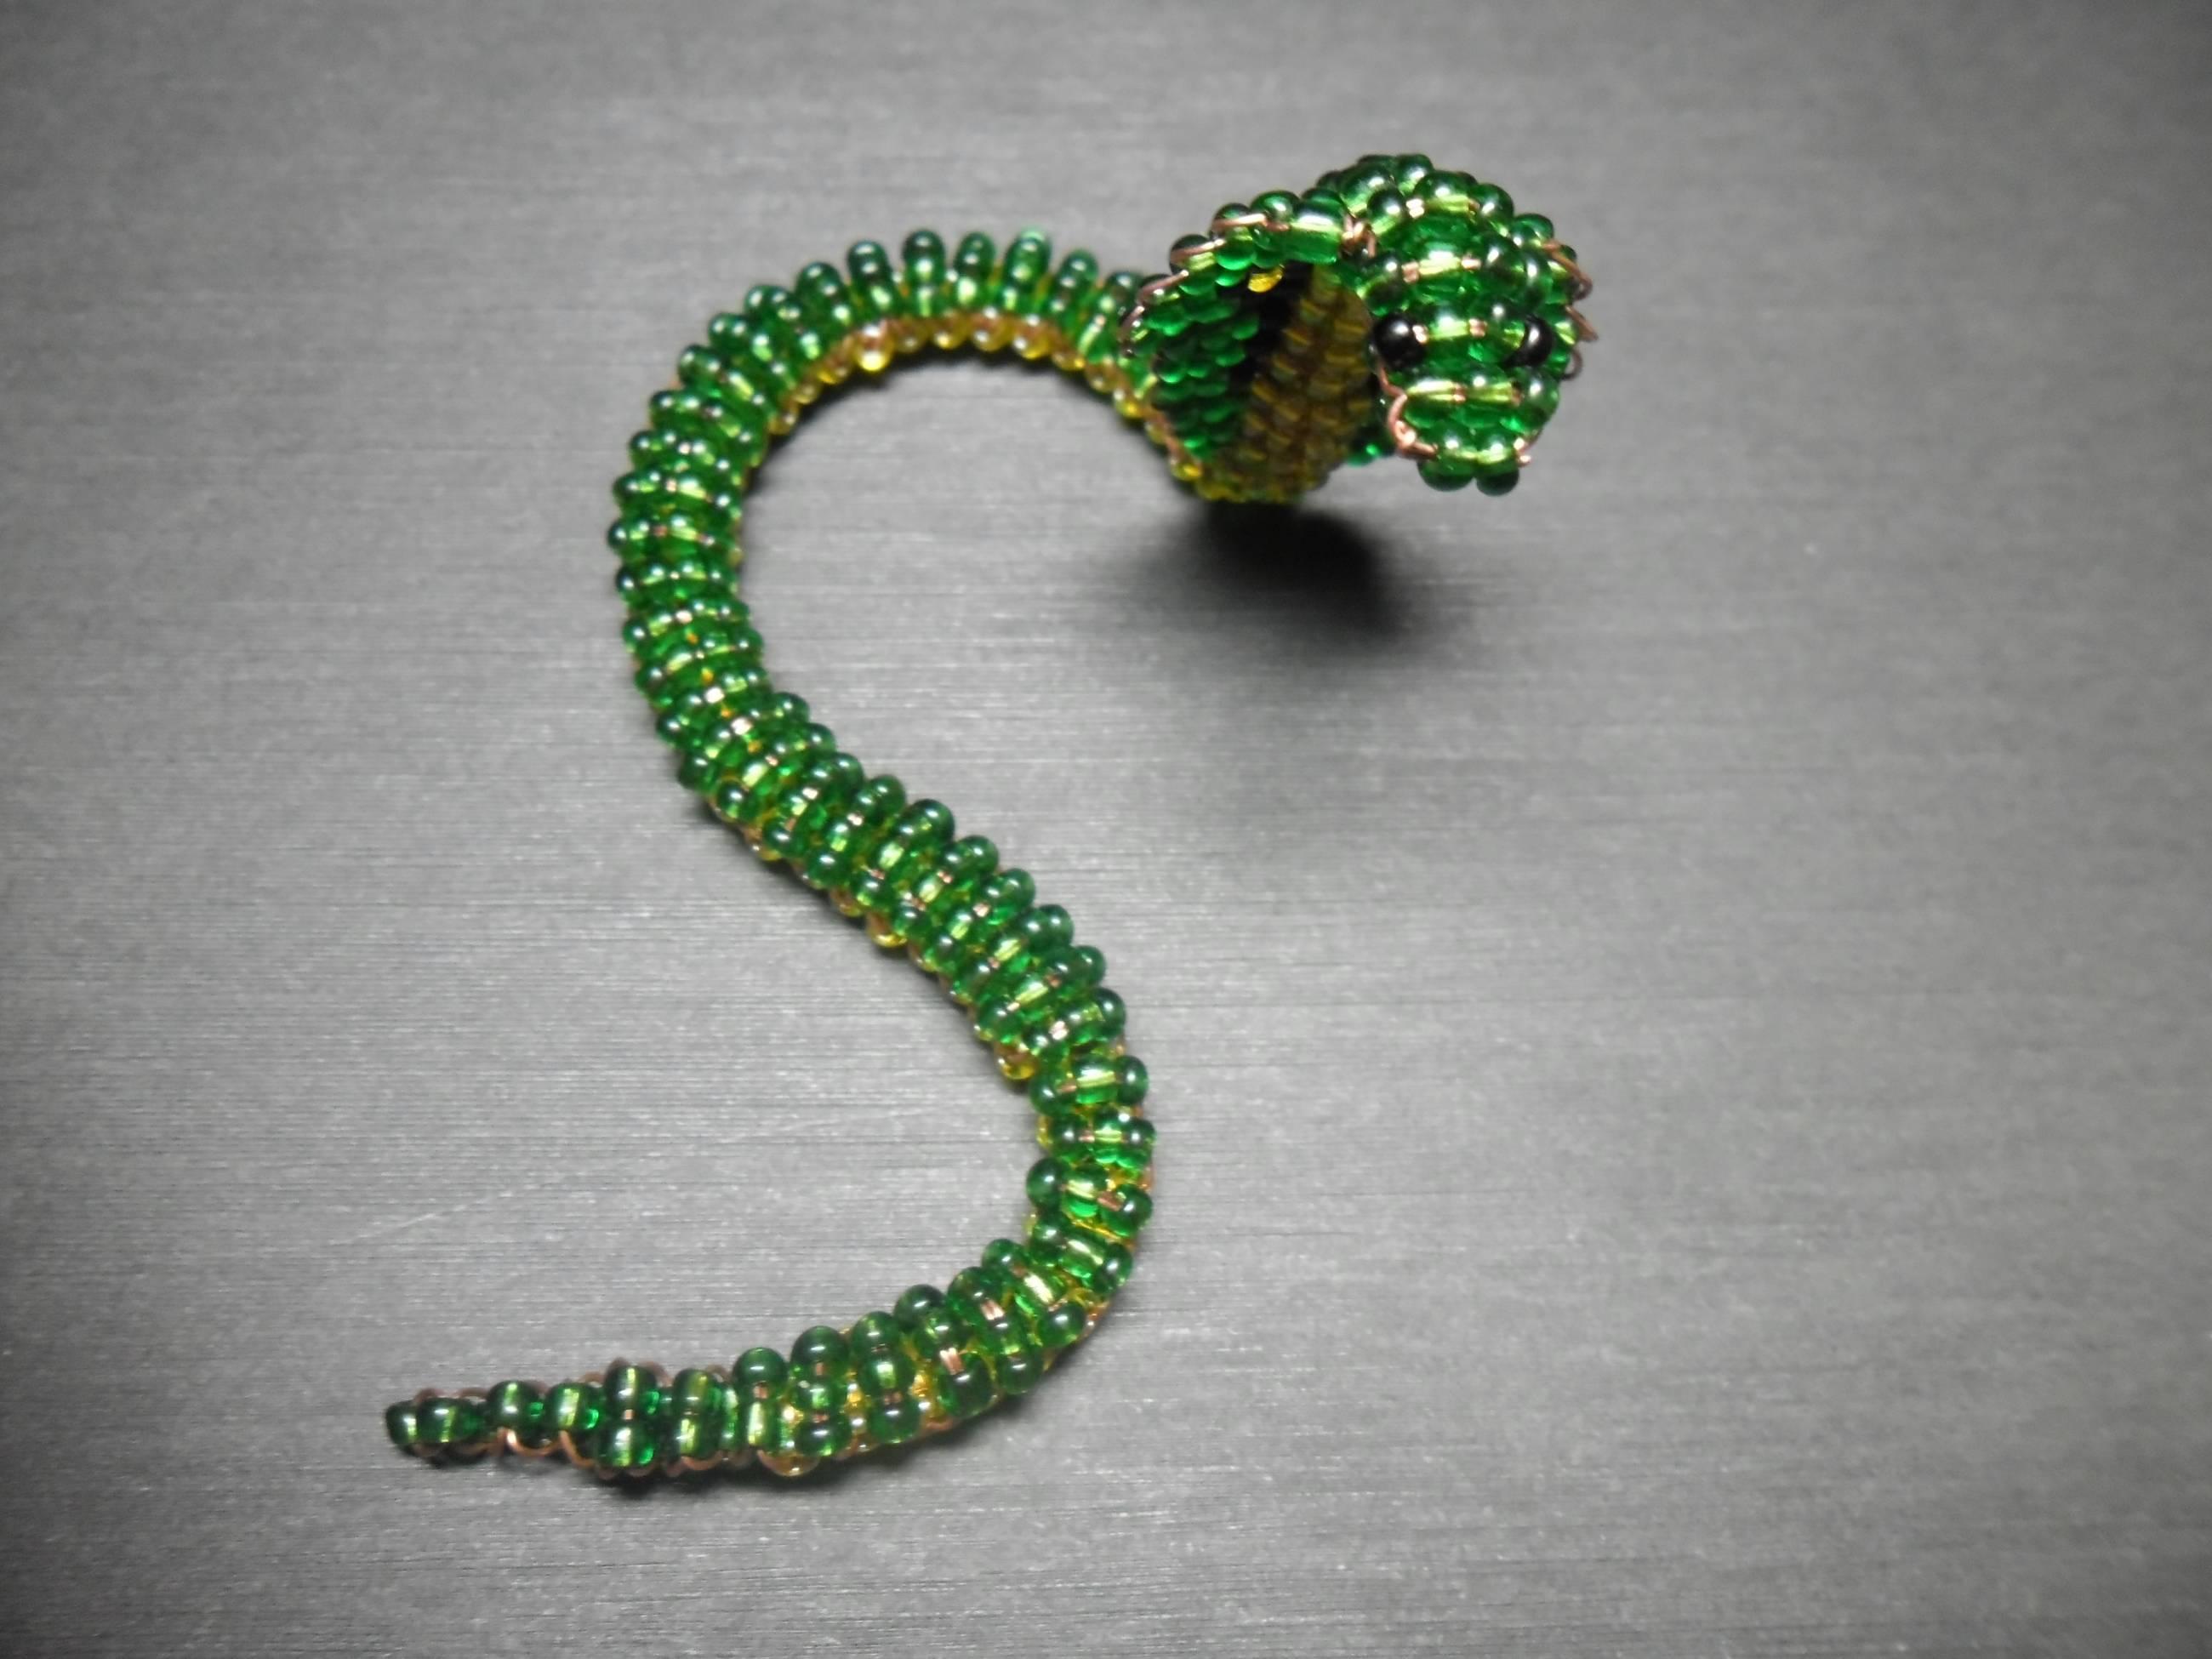 Змеи из бисера мастер класс с пошаговым фото